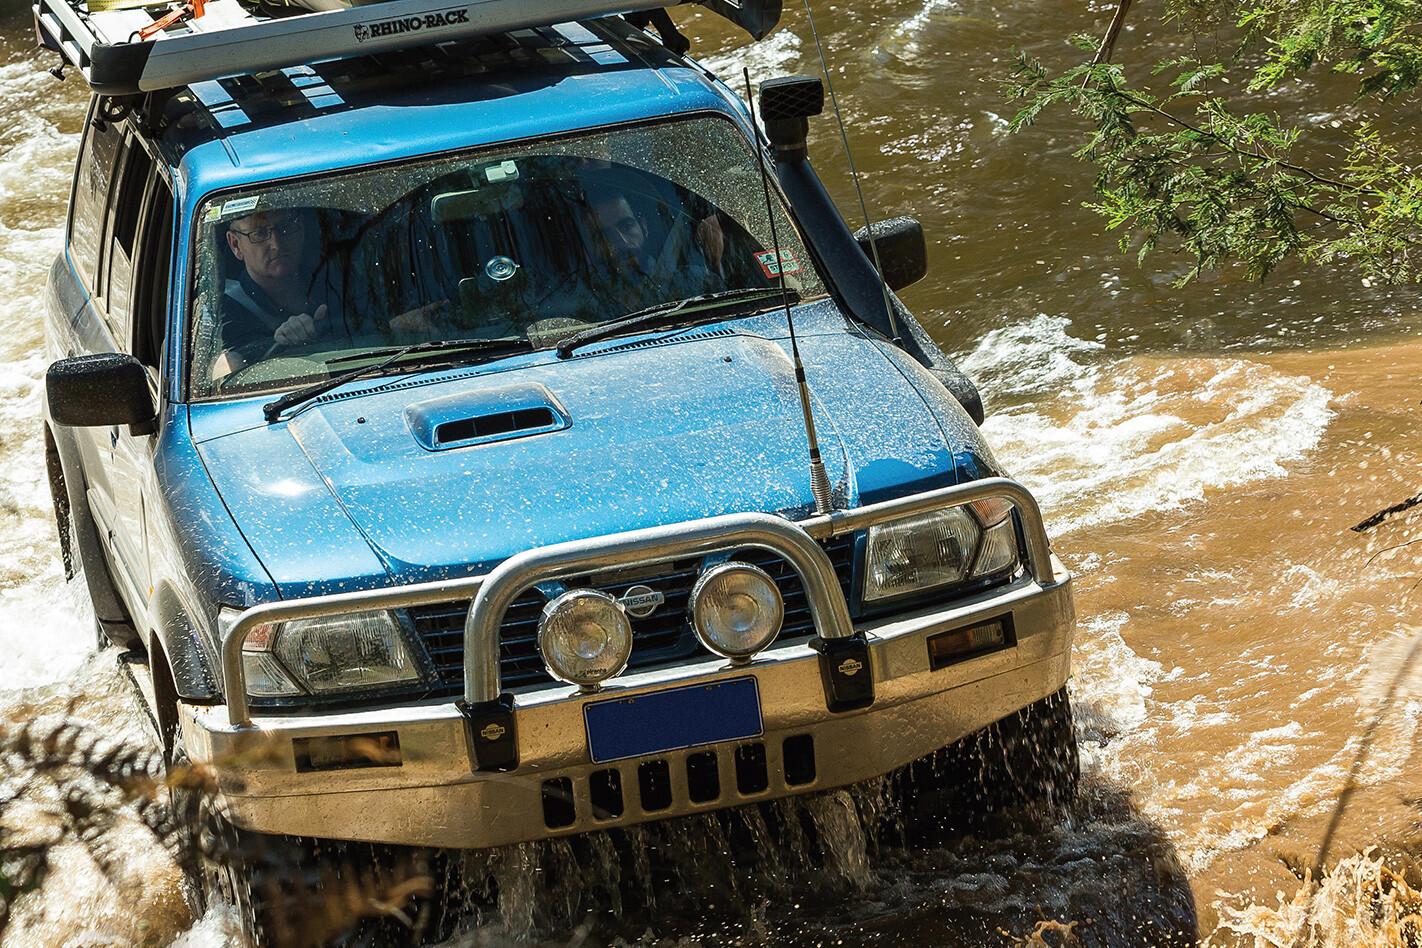 Nissan Patrol GU fitted Bridgestone Dueler MT 694 tyres